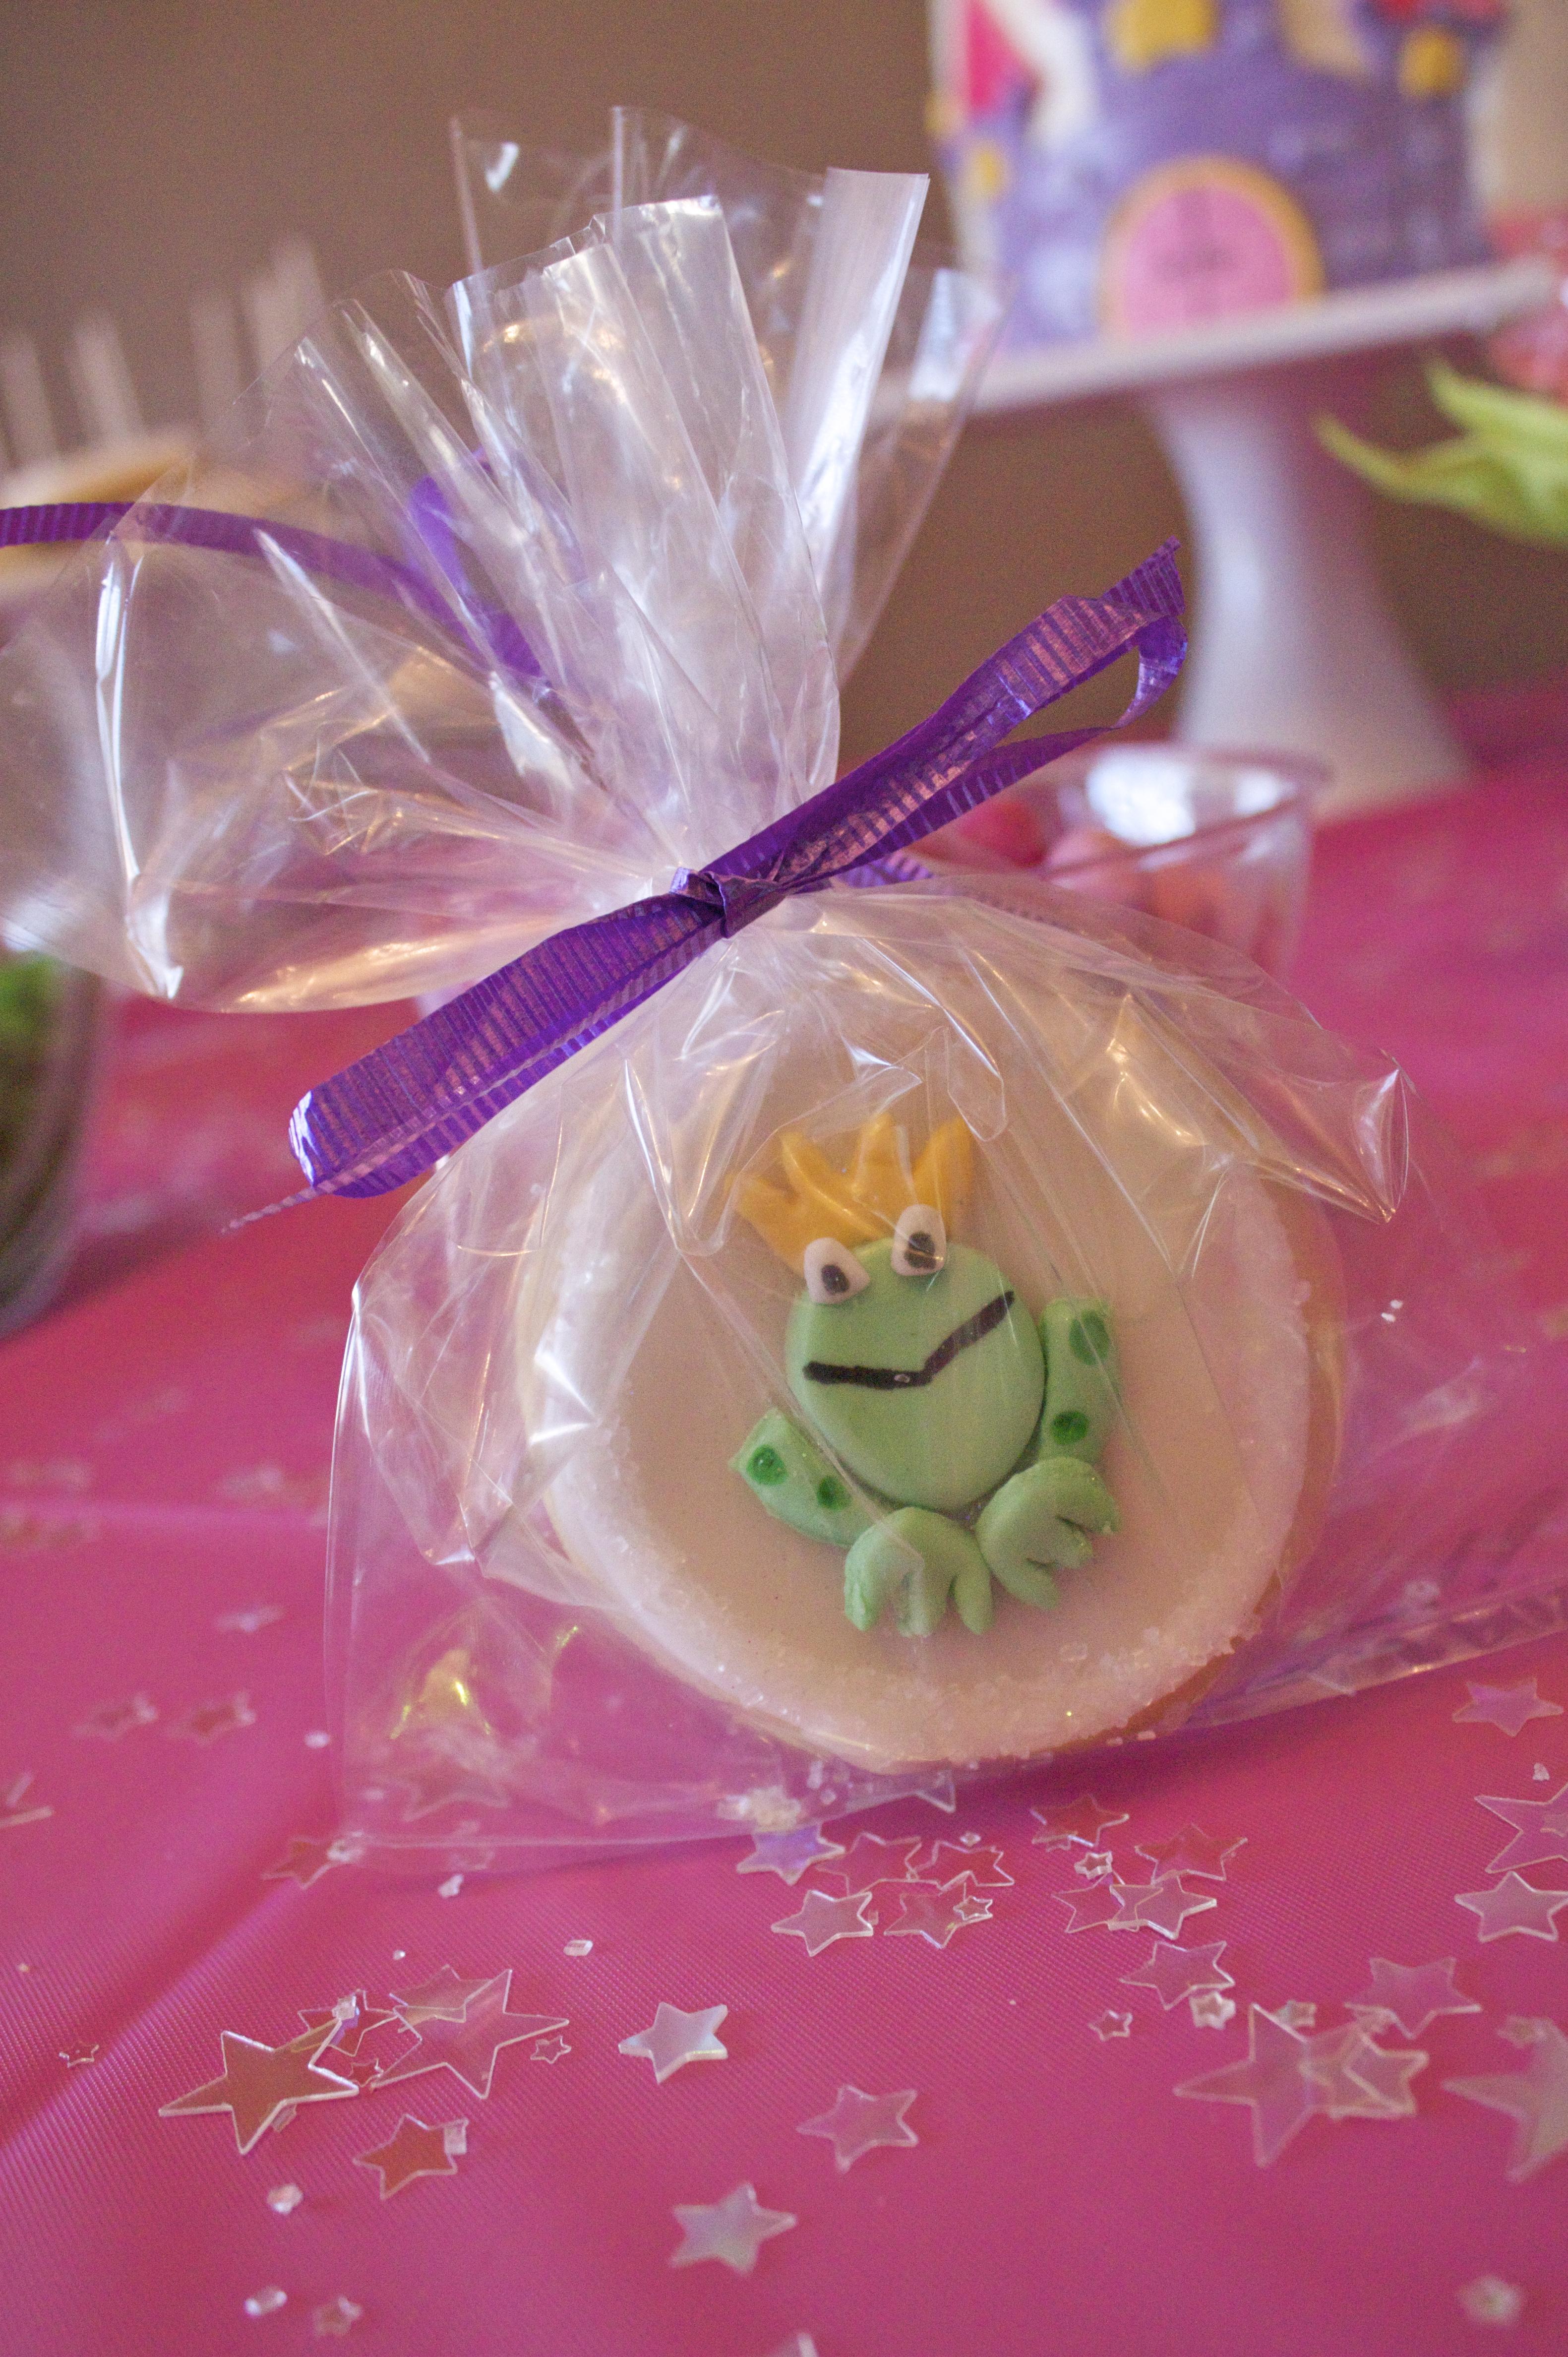 Princess frog prince cake and dessert bar | for cake sake blog